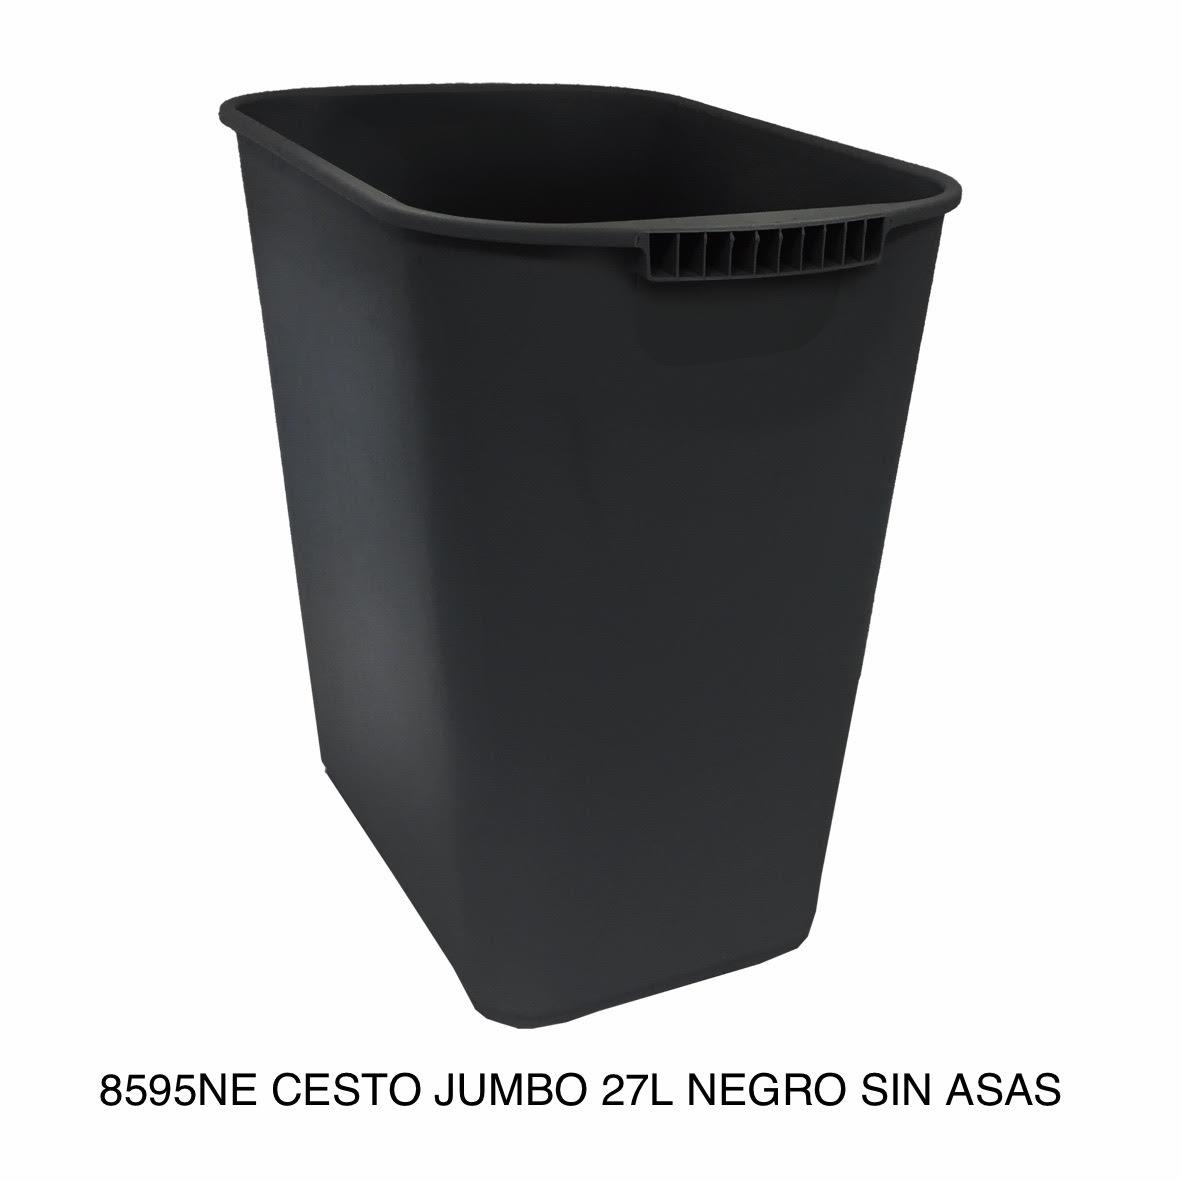 Bote de basura jumbo modelo 8595NE color negro sin asas de Sablón